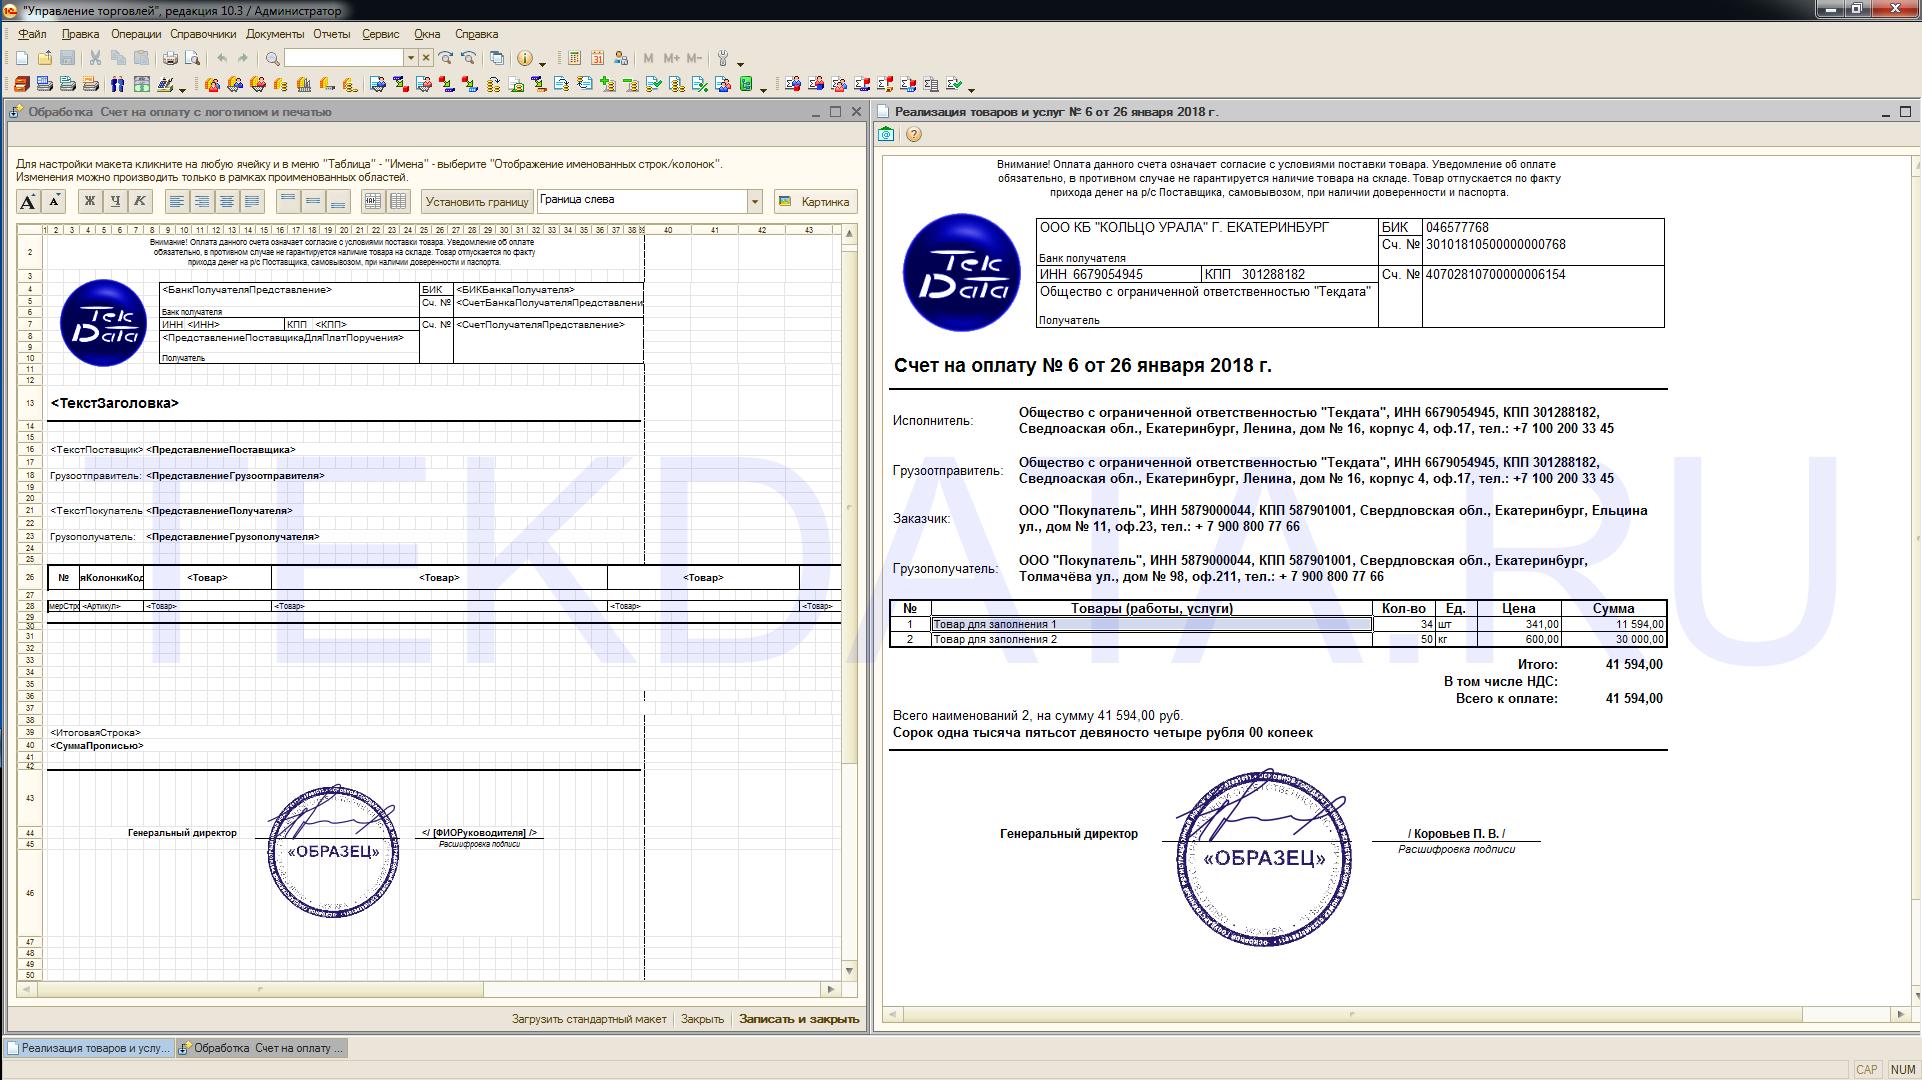 Счет на оплату с логотипом, подписью, печатью для 1С УТ 10.3 (Внешняя печатная форма)